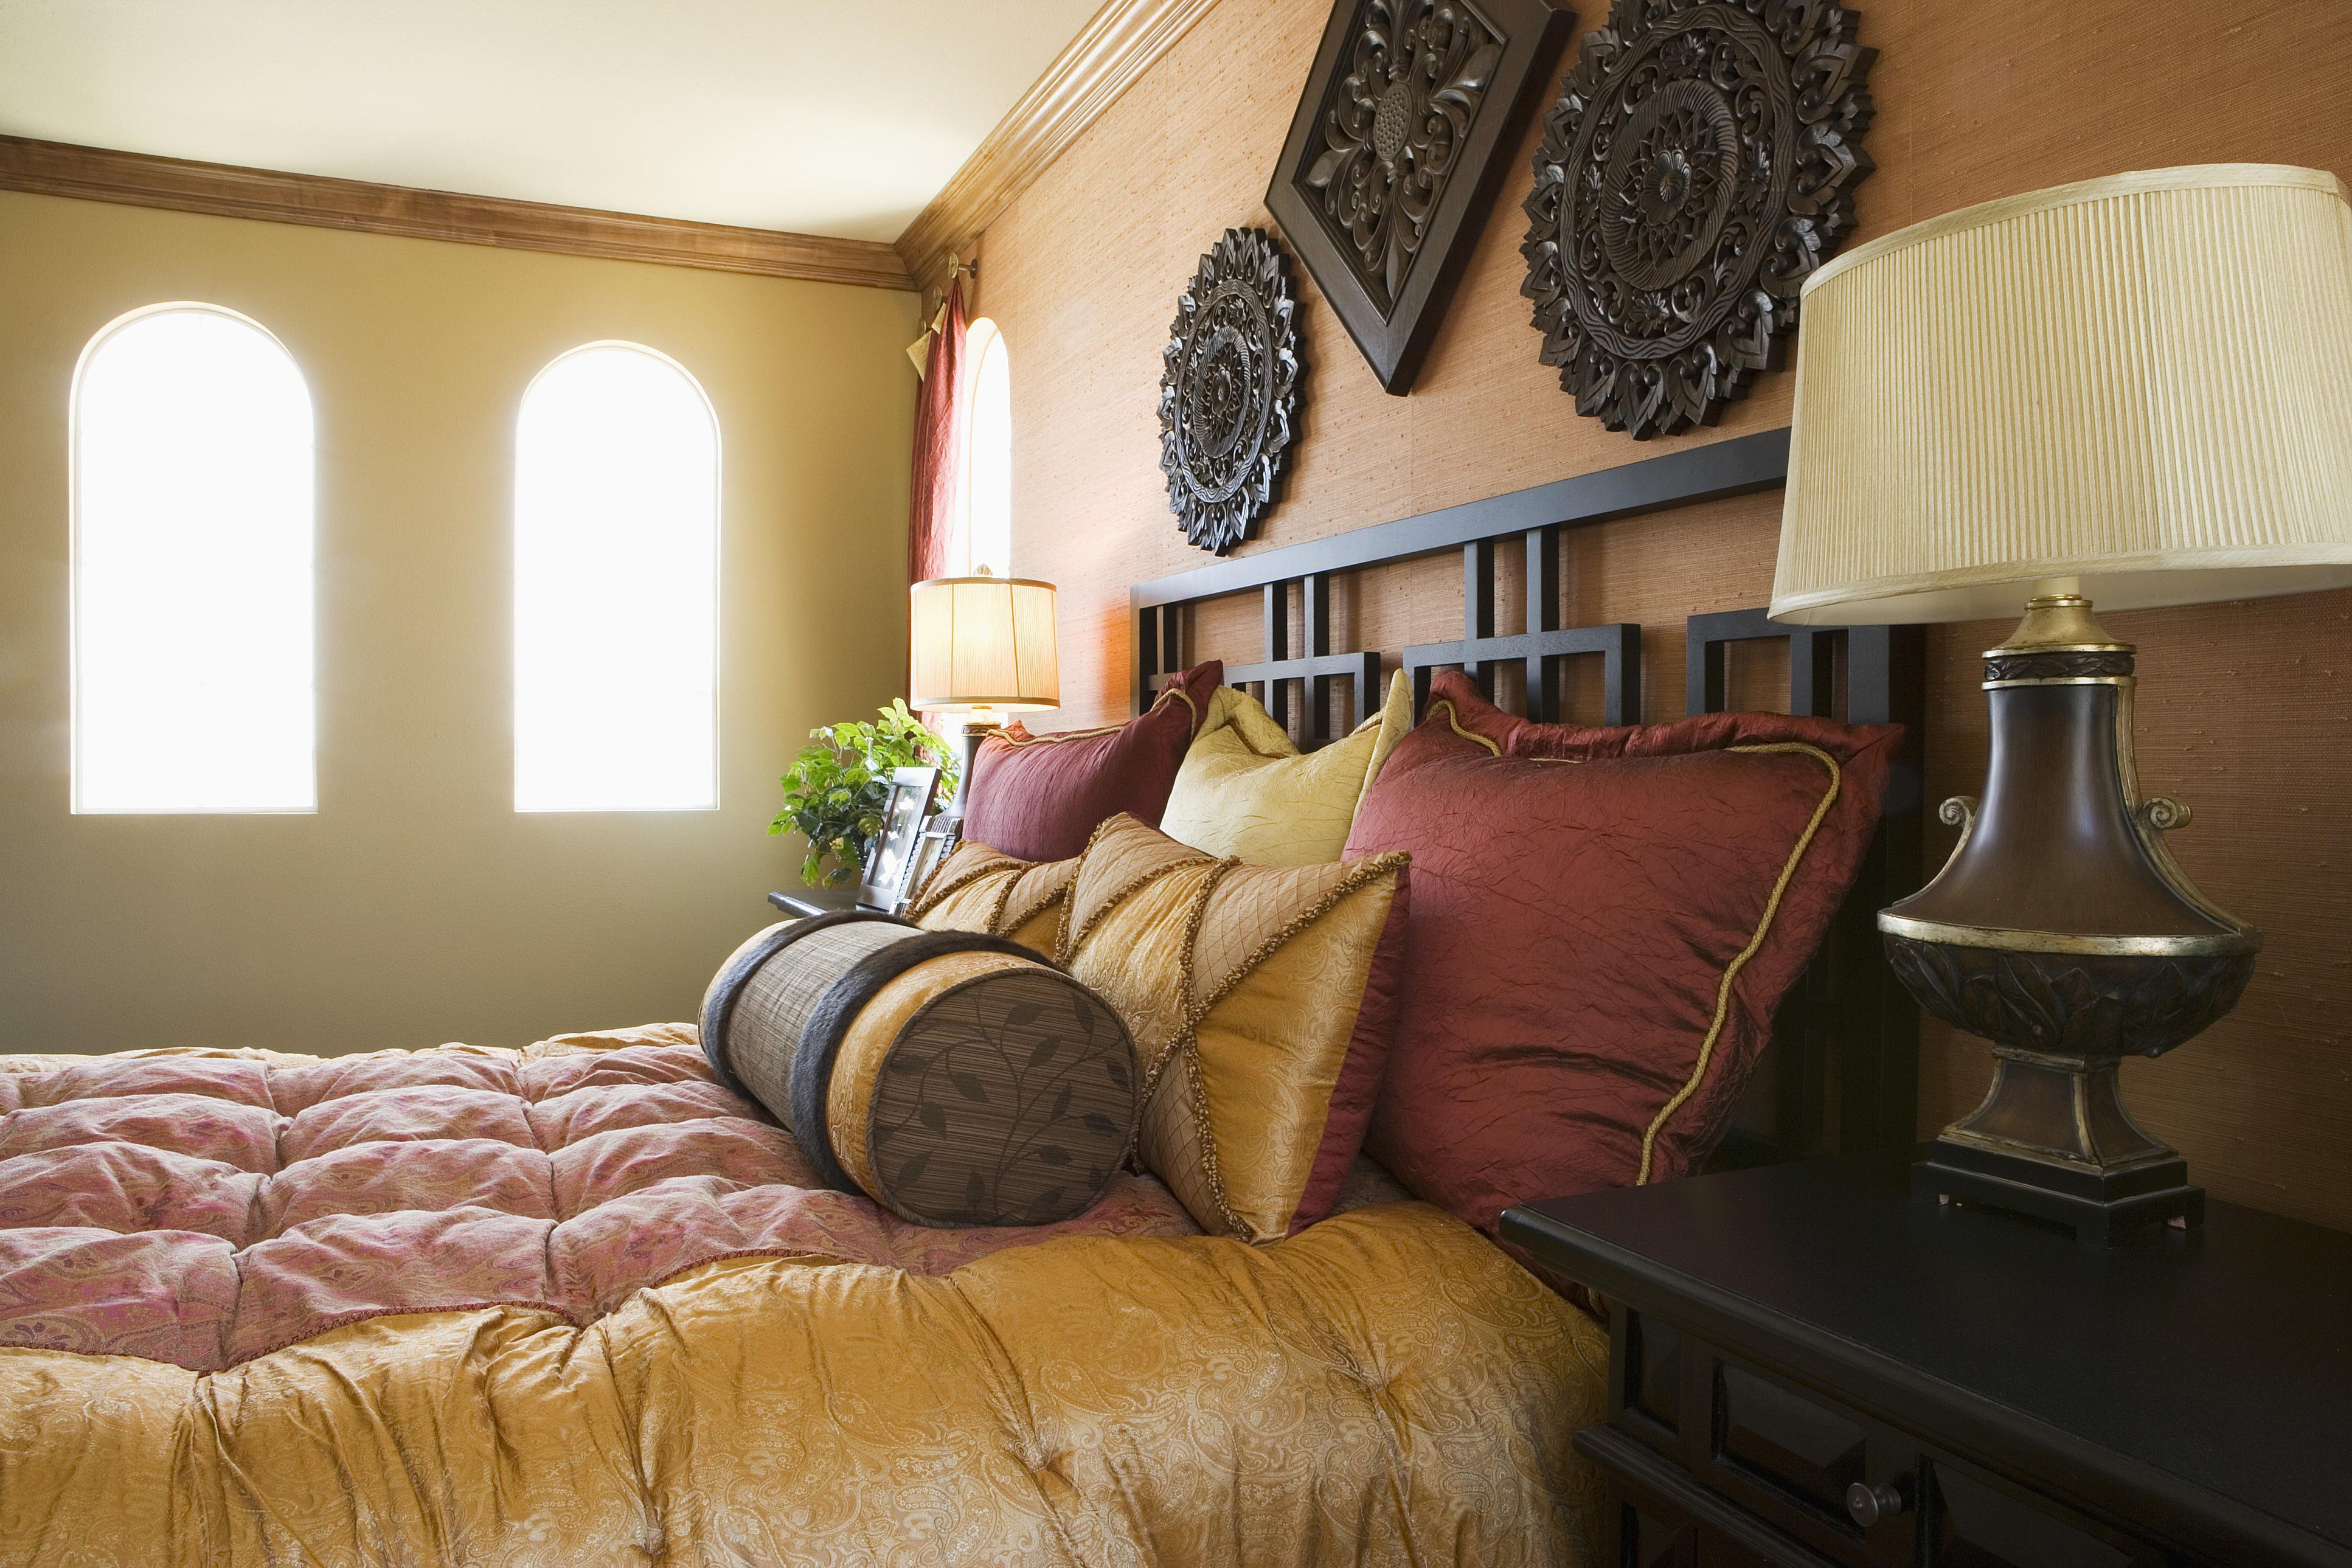 Habitación toscana mostaza y vino